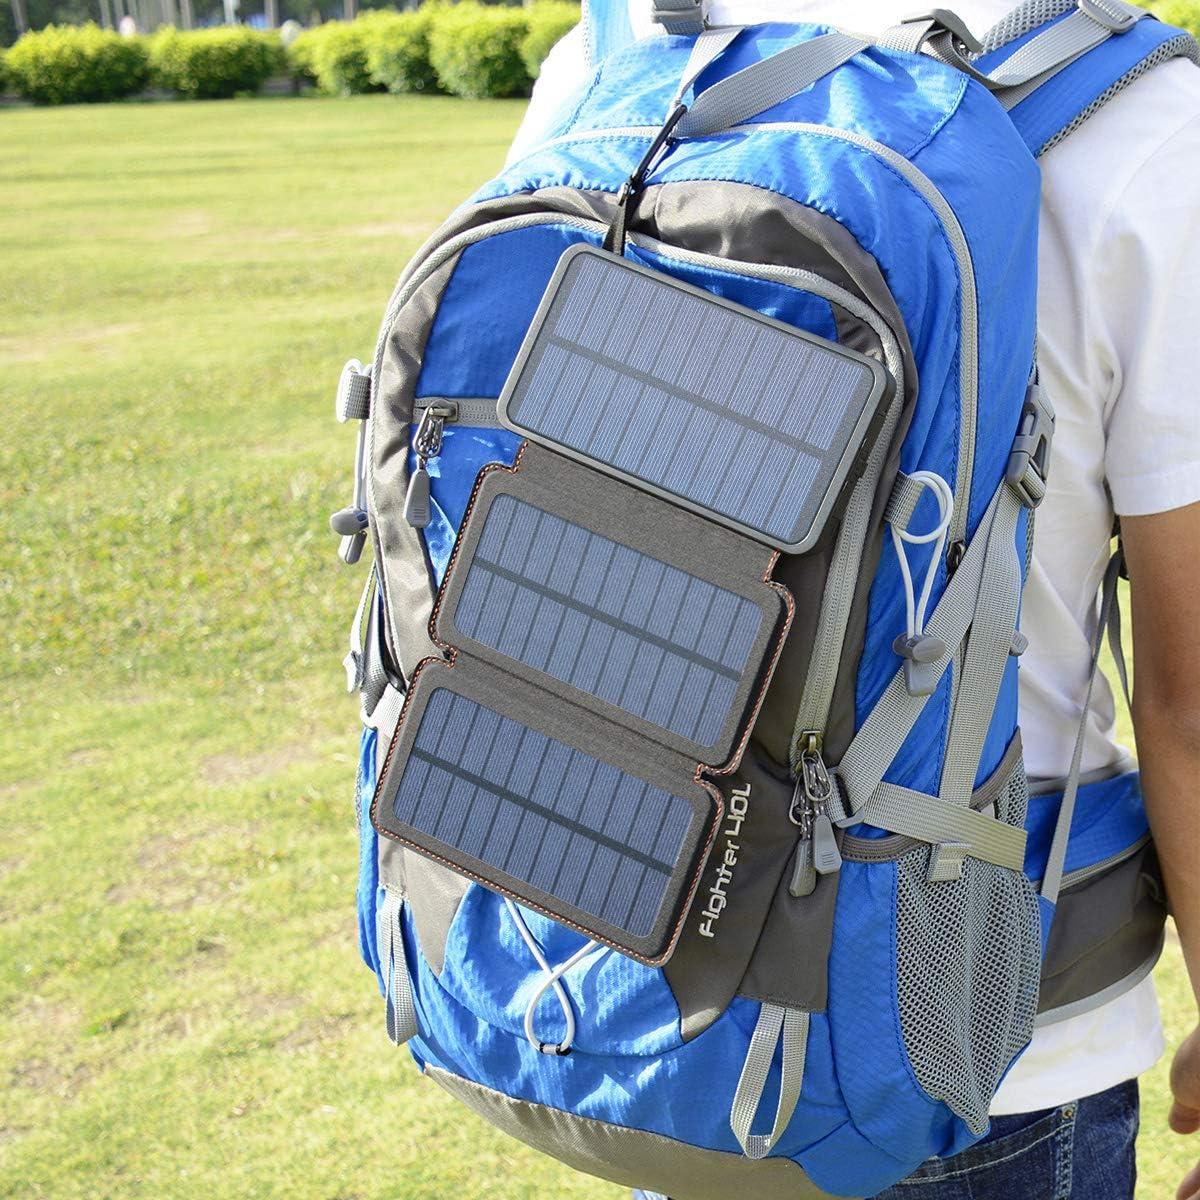 Cargador solar port/átil impermeable 24000 mAh-Negro Hiluckey